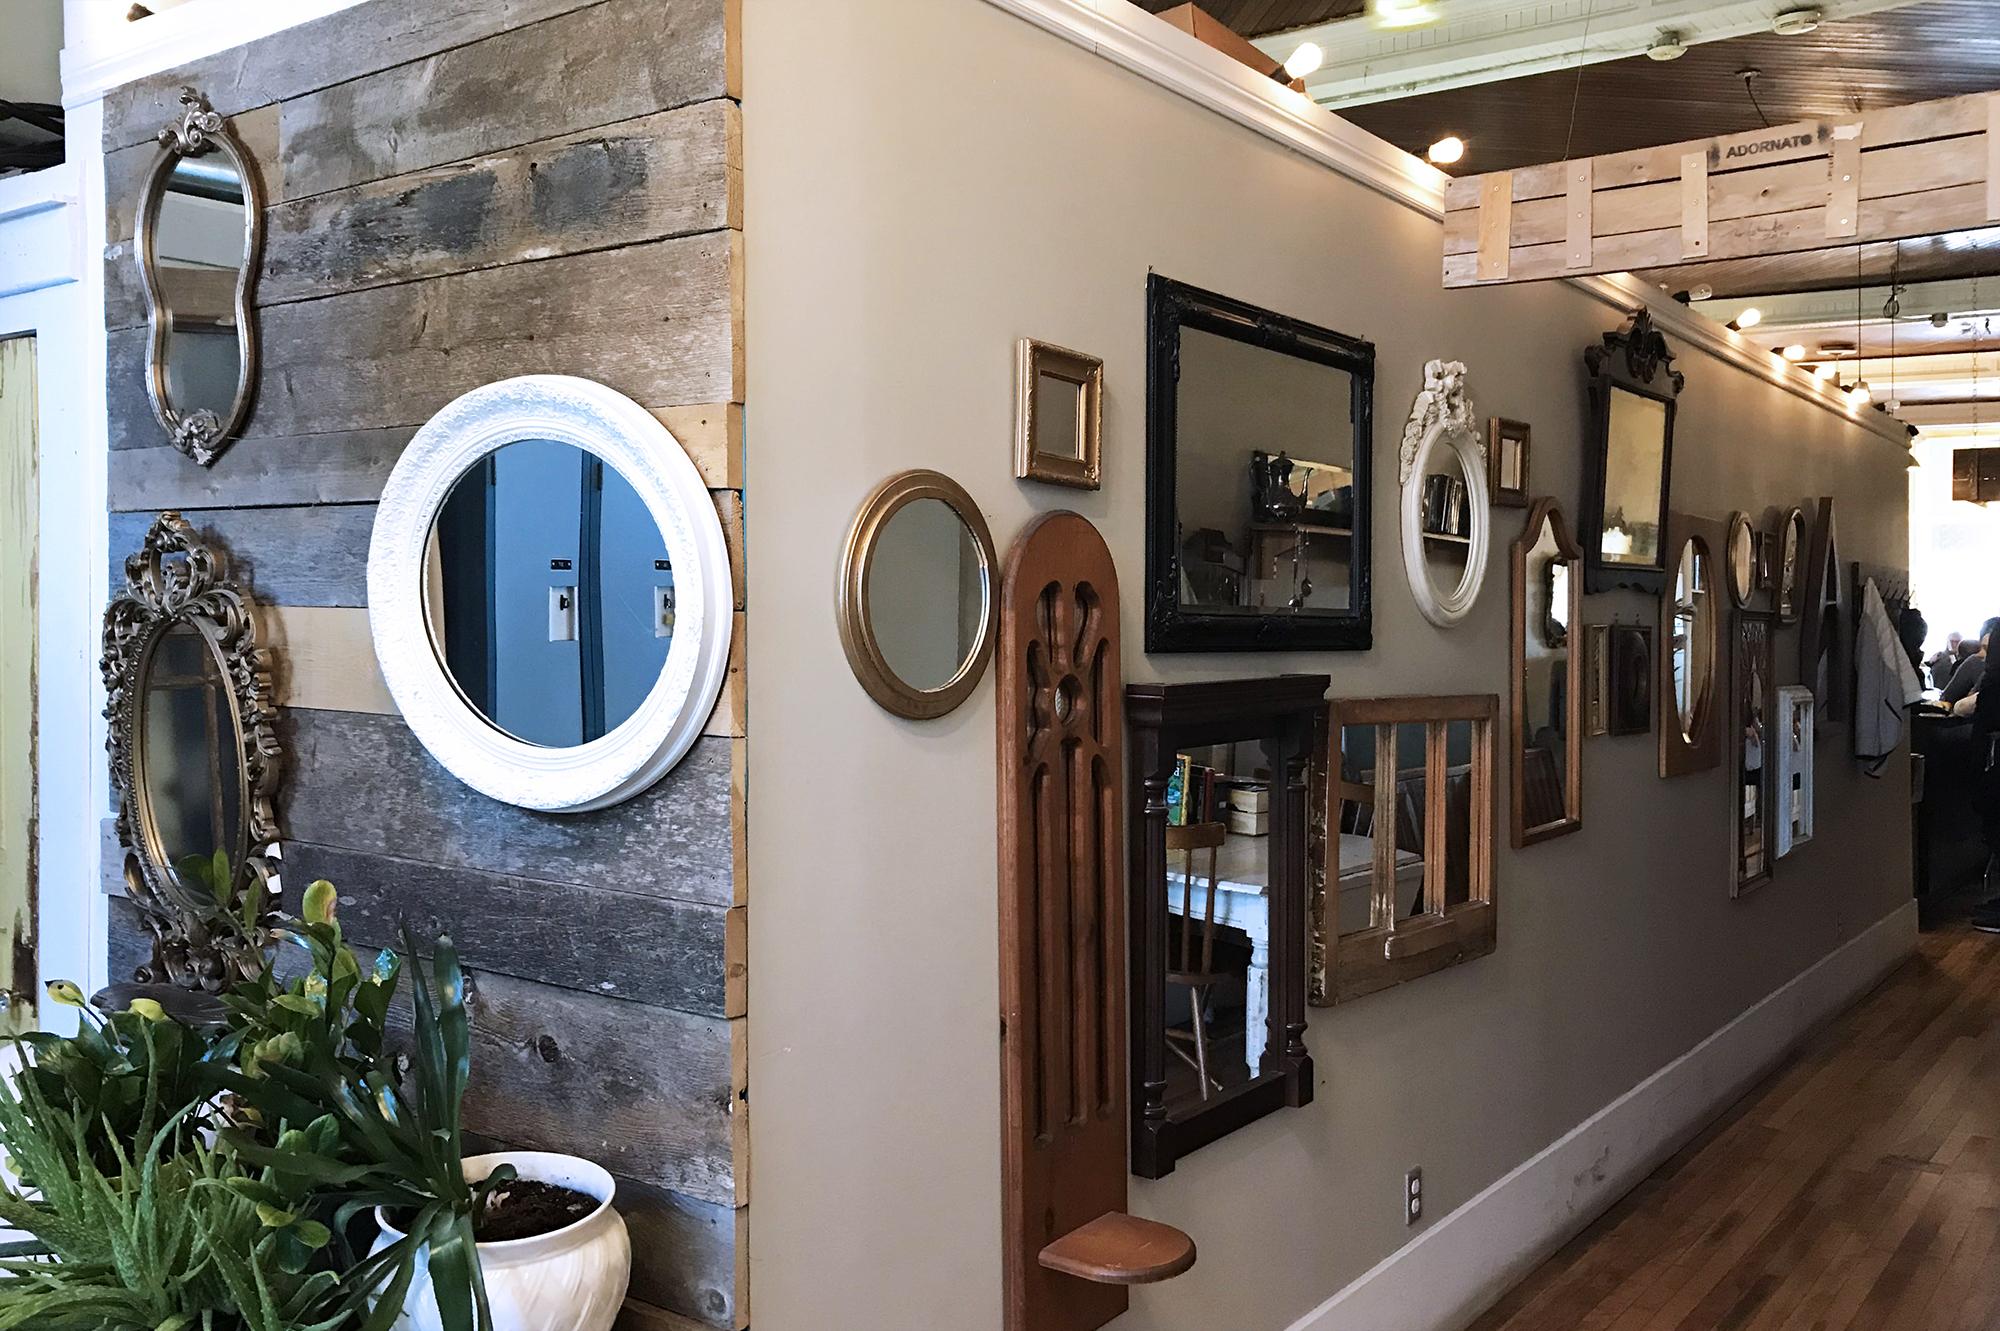 Geronimo Cafe - Mirror Wall Victorian